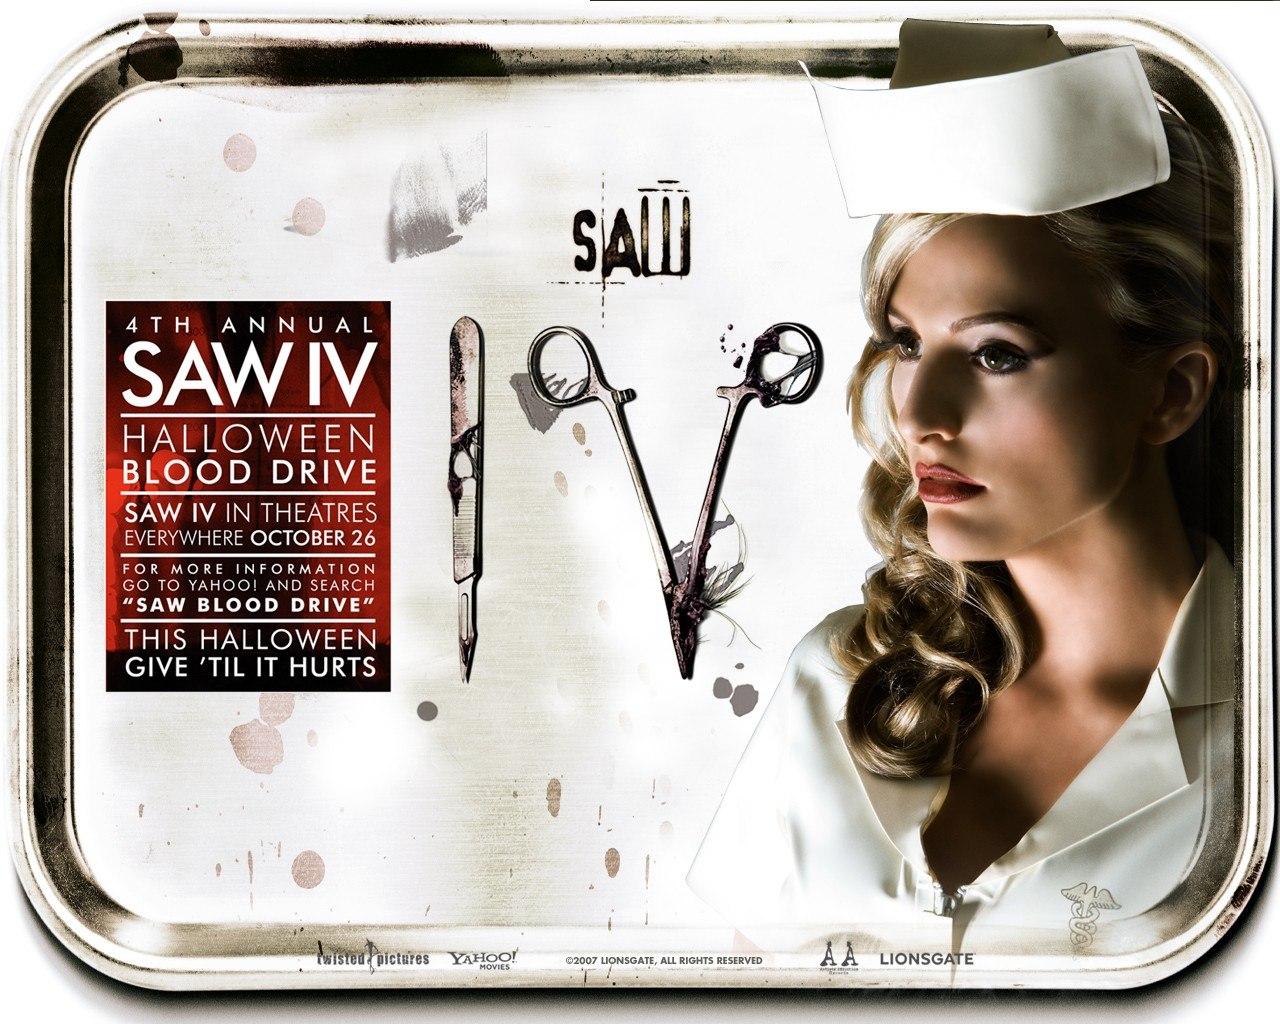 http://3.bp.blogspot.com/_tp3vg4dToxI/S72WeJJ3USI/AAAAAAAAAB4/eE5YLfgjtv8/s1600/Saw-4-nurse-1315.jpg